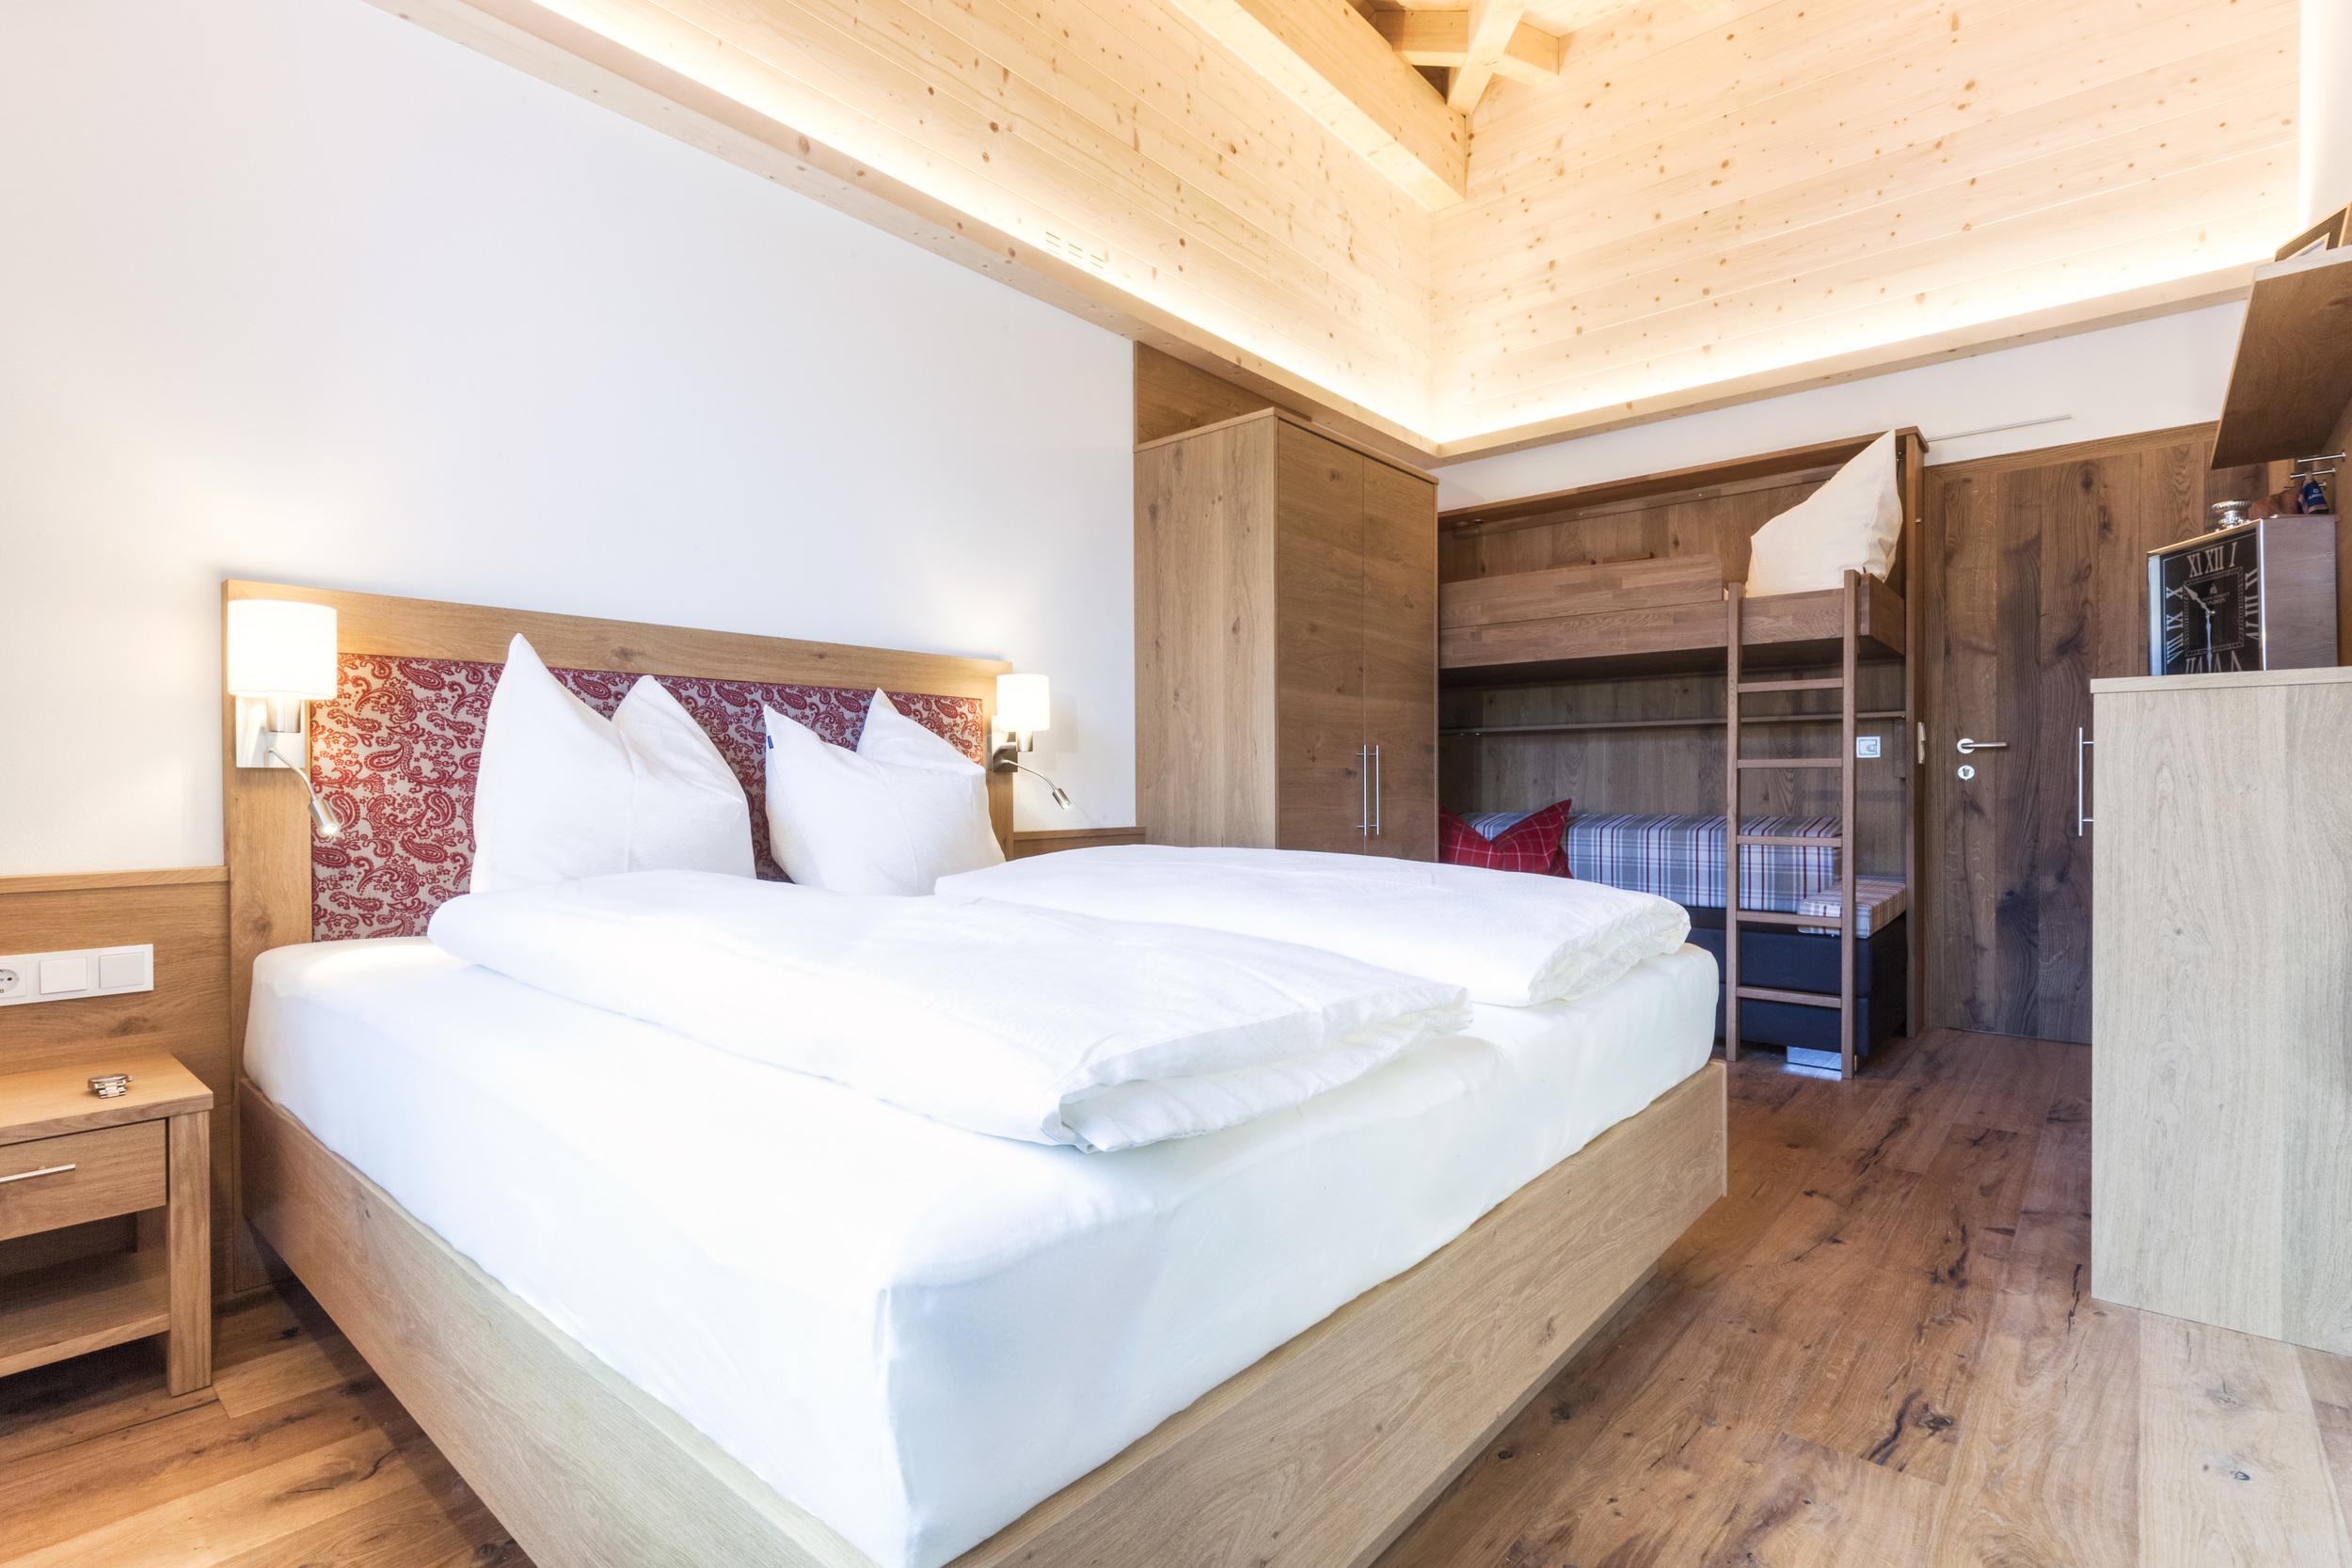 appartement-suites-liana-sophie-neukirchen-haus-innen-schlafzimmer-groß